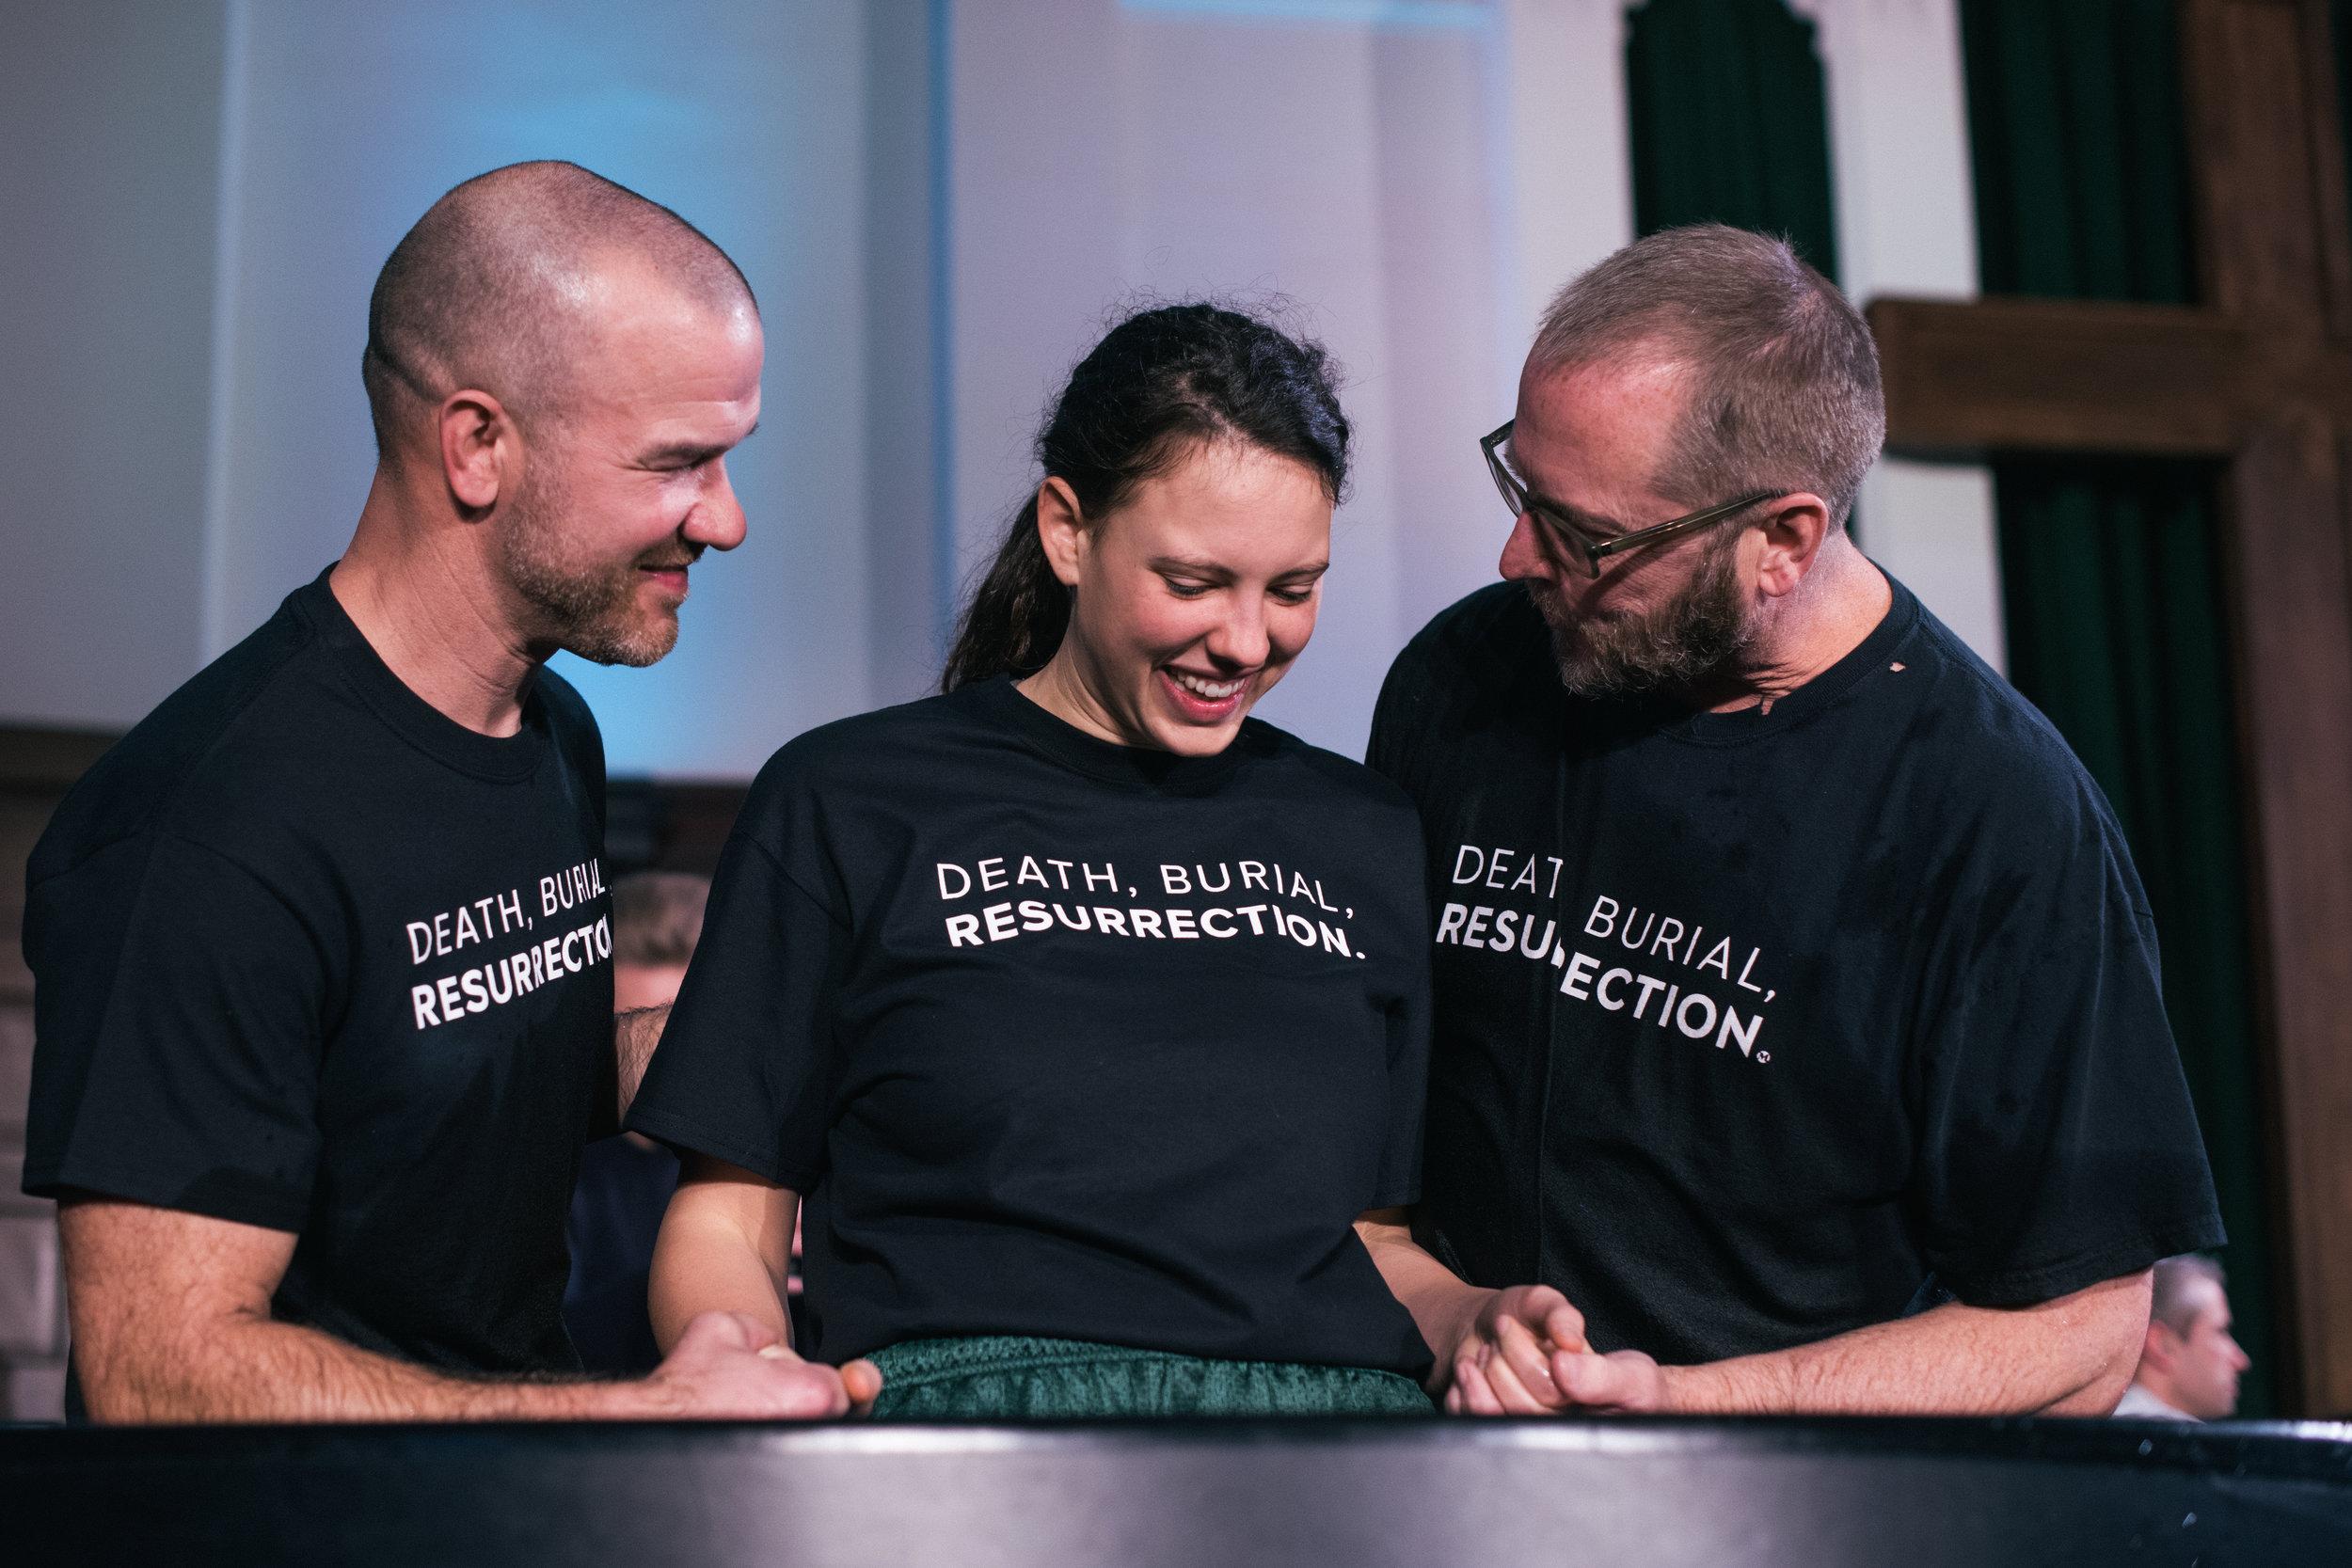 baptisms-1-8-17-41.jpg